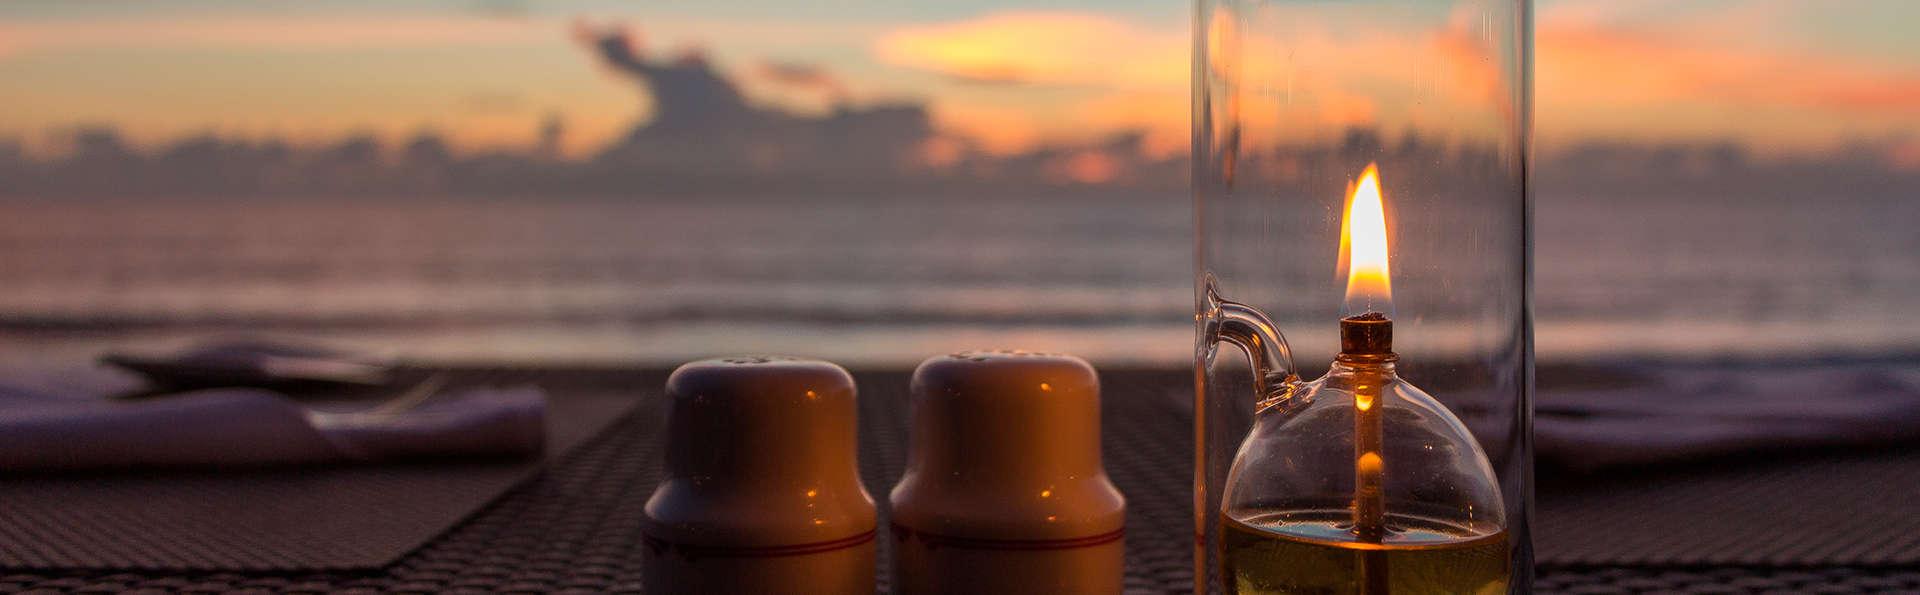 Surprenez votre partenaire ! Escapade avec dîner et bouteille de cava de luxe à Alicante